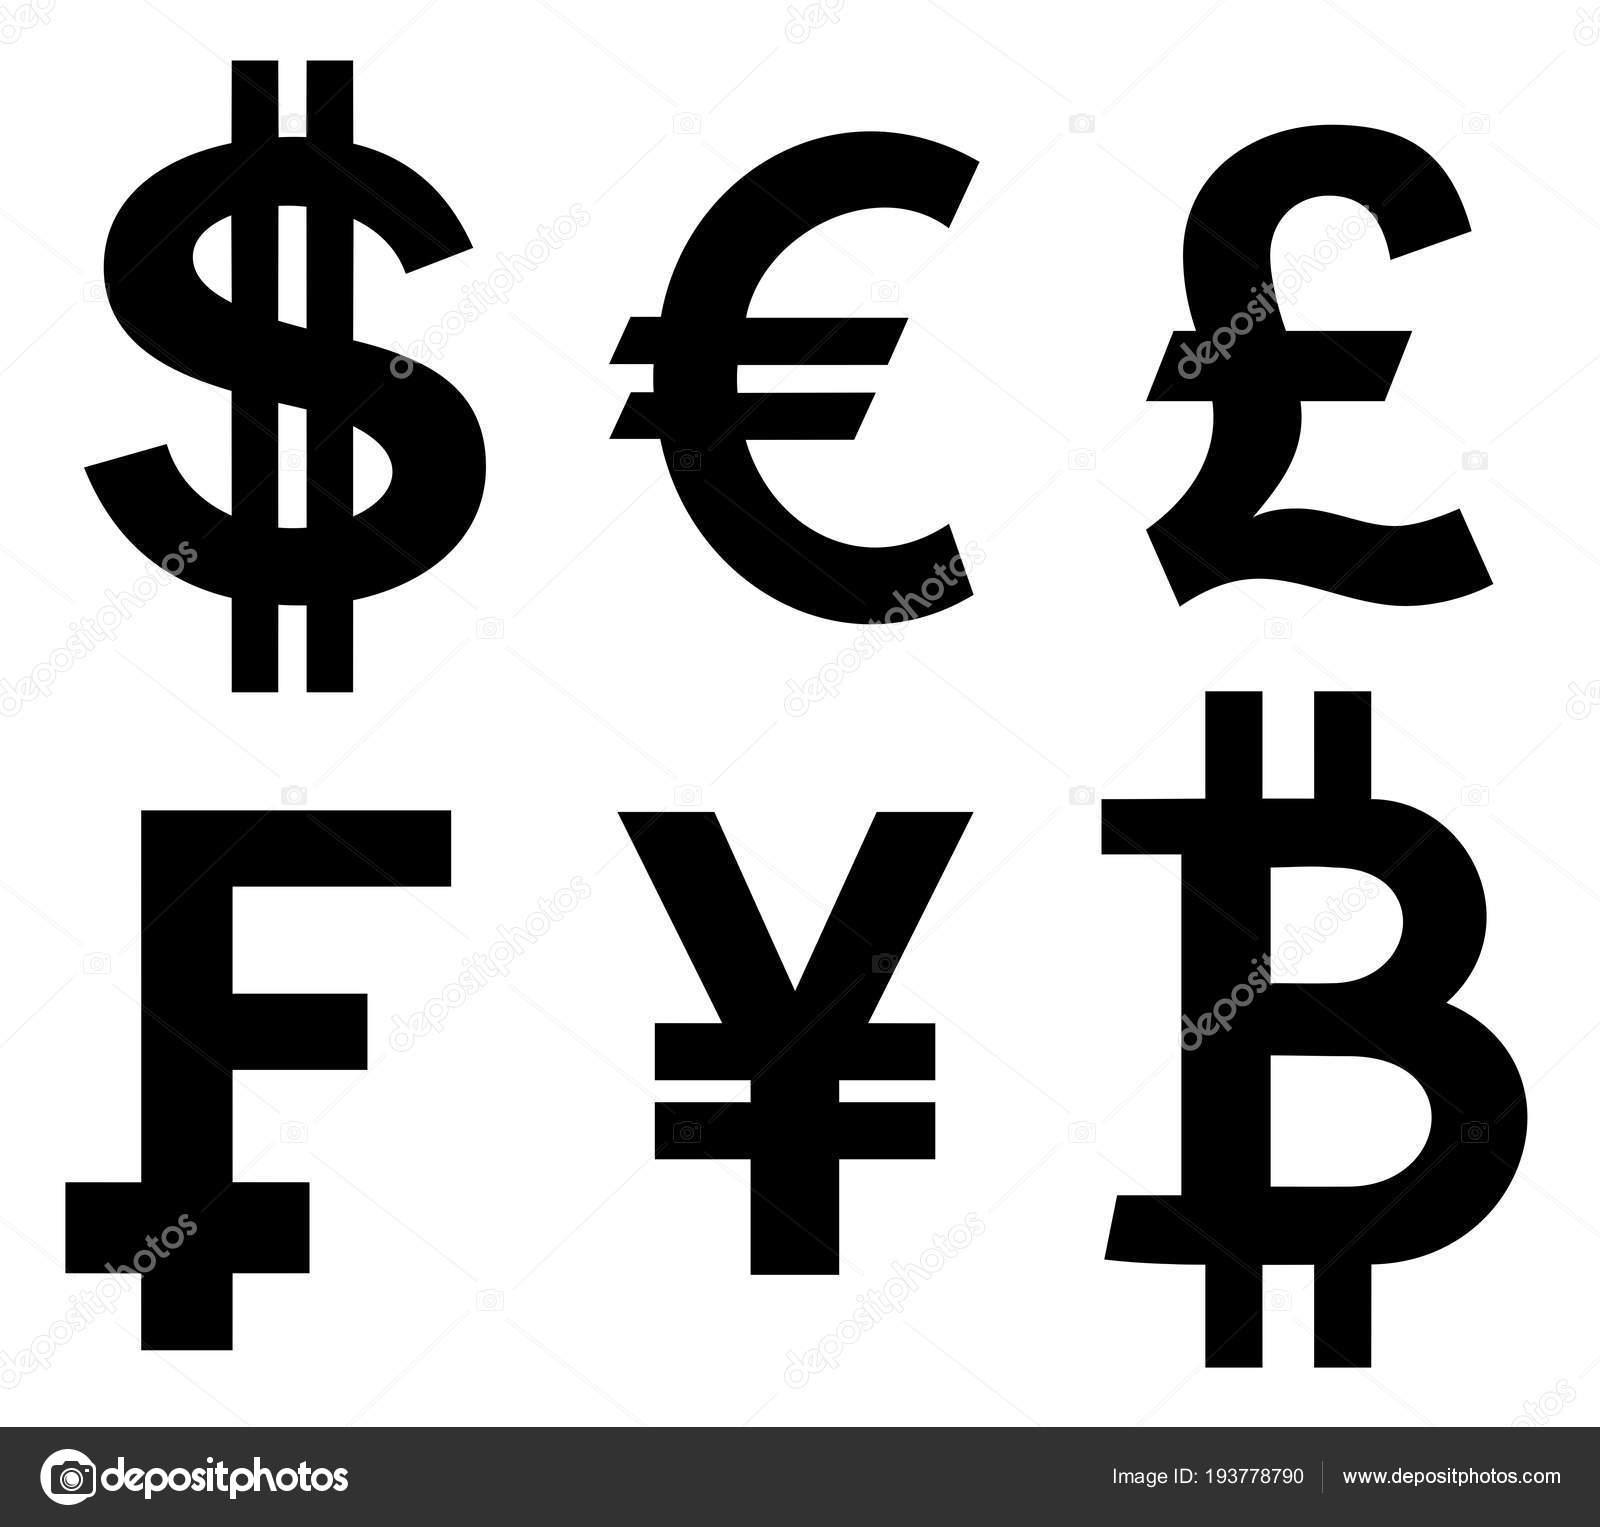 Currency symbols — Stock Vector © oorka5 #193778790